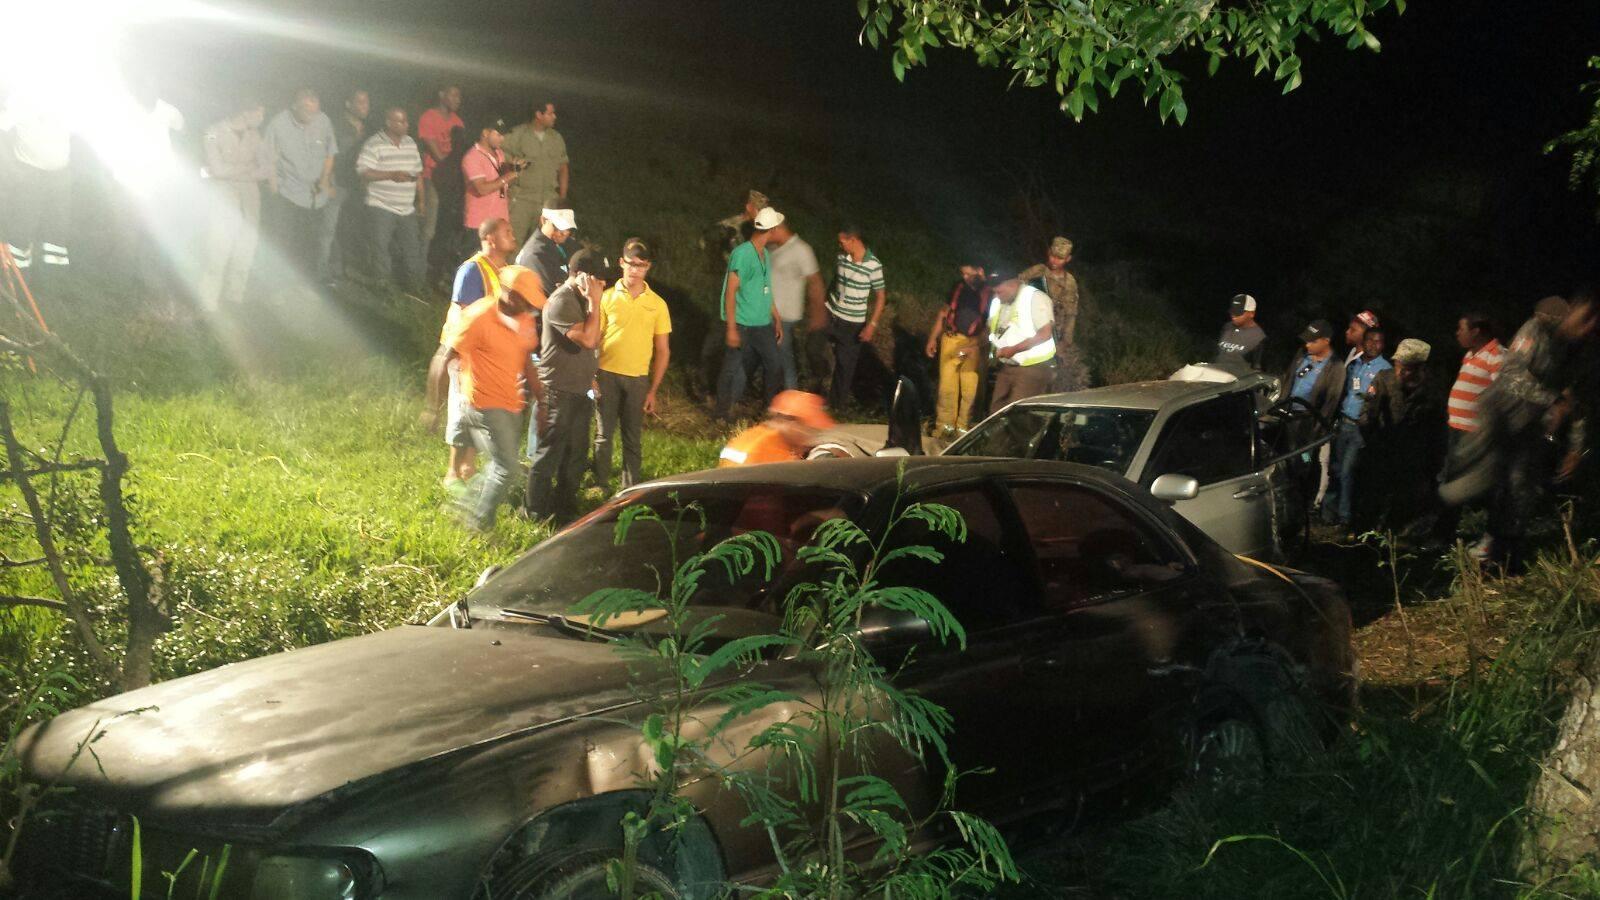 Tres muertos en hechos separados en la provincia la altagracia.